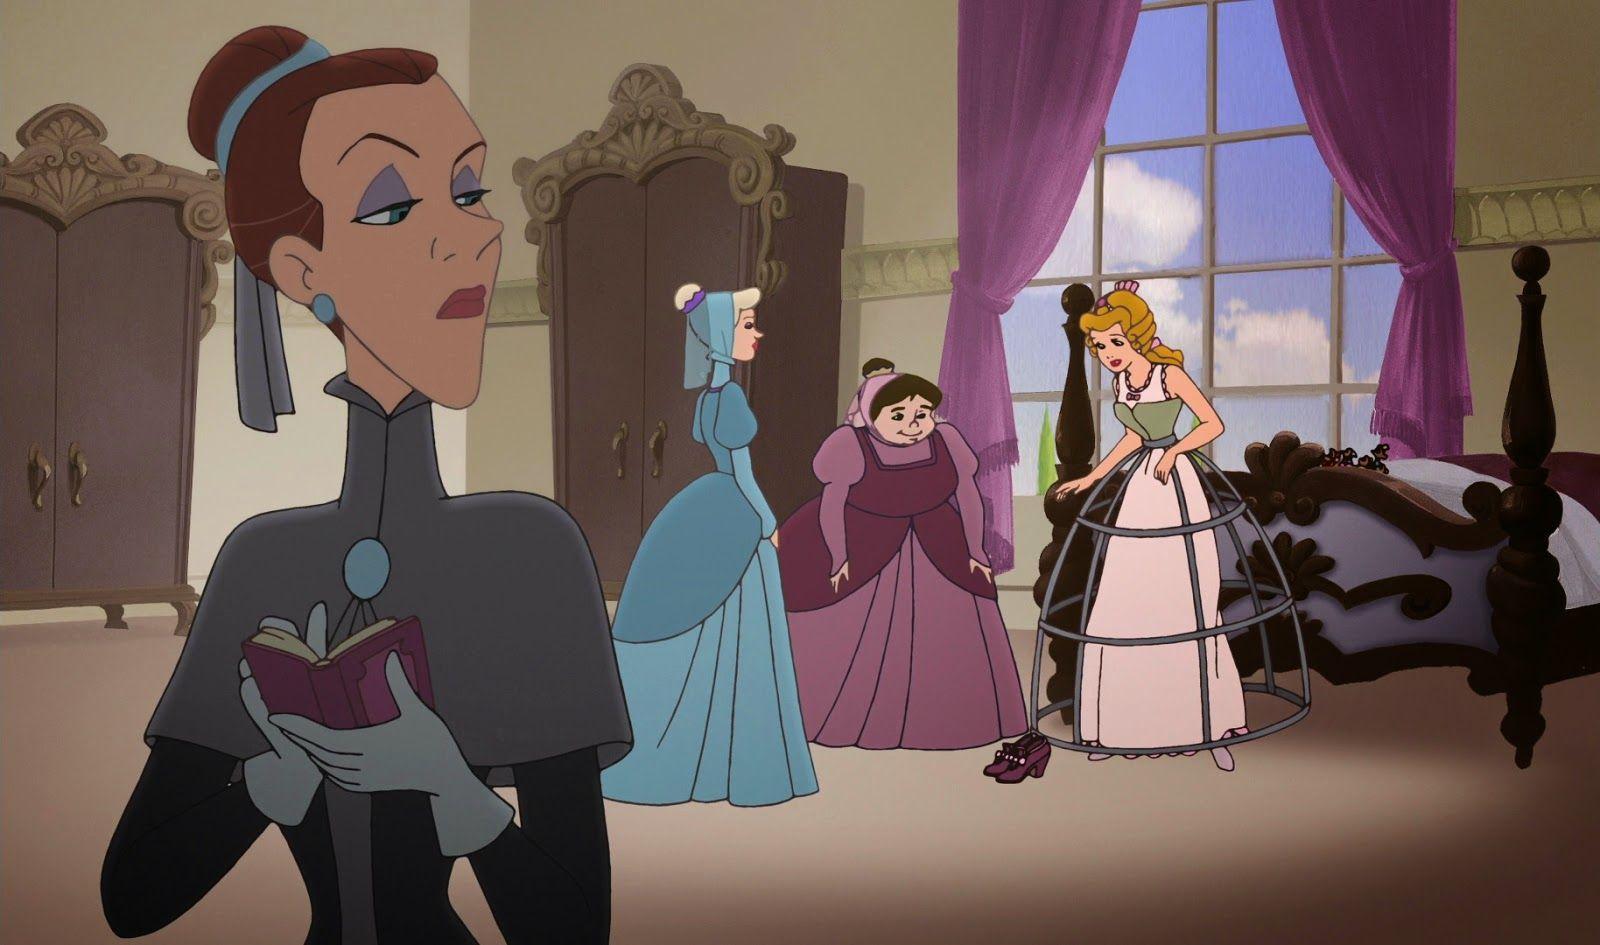 En la Cenicienta 2, ¿Cómo se llama la tutora que esta encargada de enseñar a Cenicienta a ser una princesa?